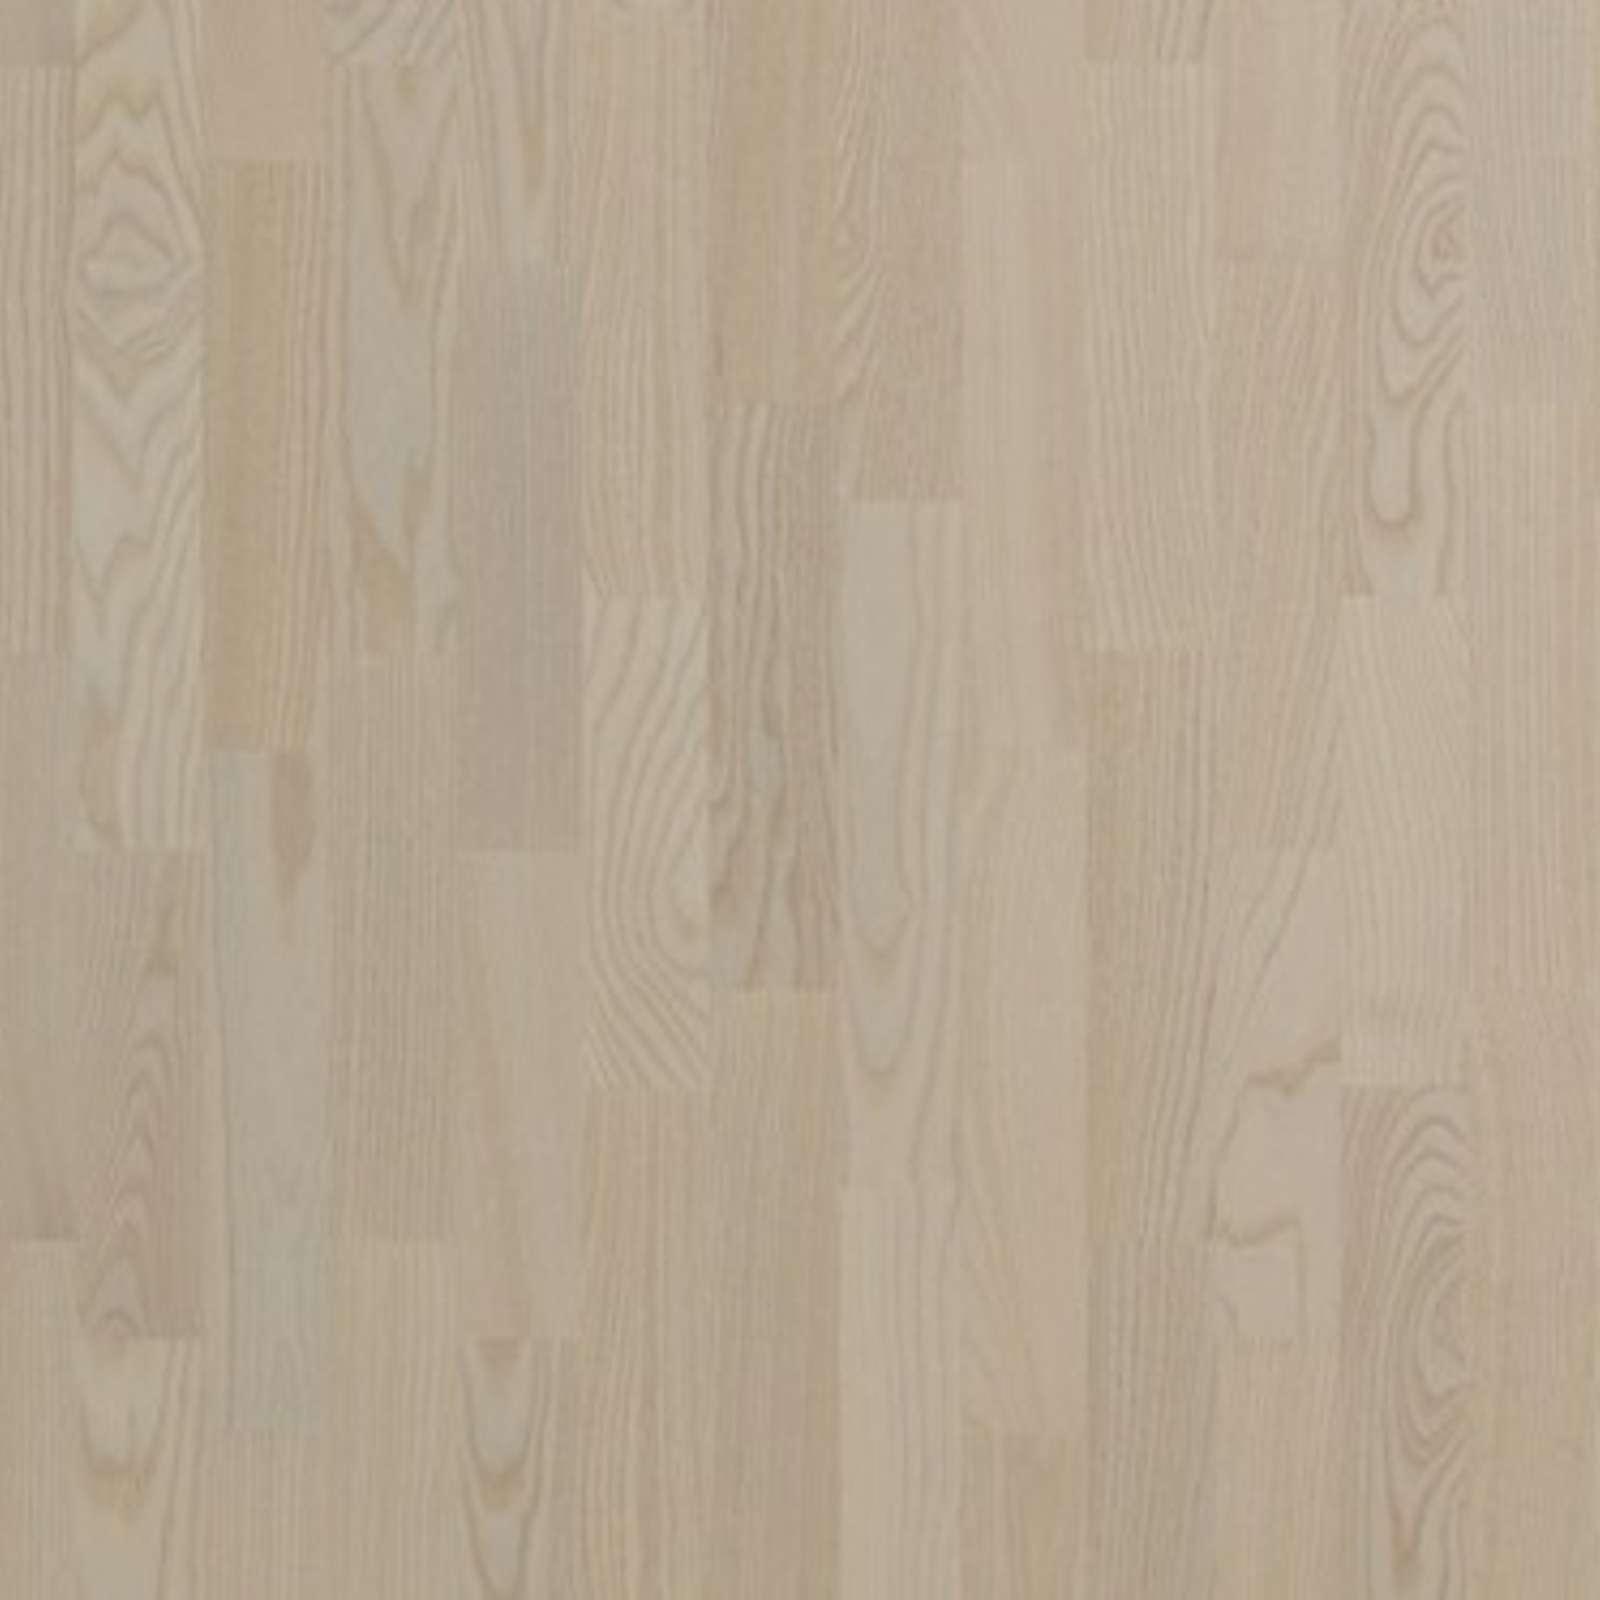 Паркет Синтерос Eurostandart Ясень Кремовый, 550041017, (6 шт в пачке), 1123х194х13,2 мм